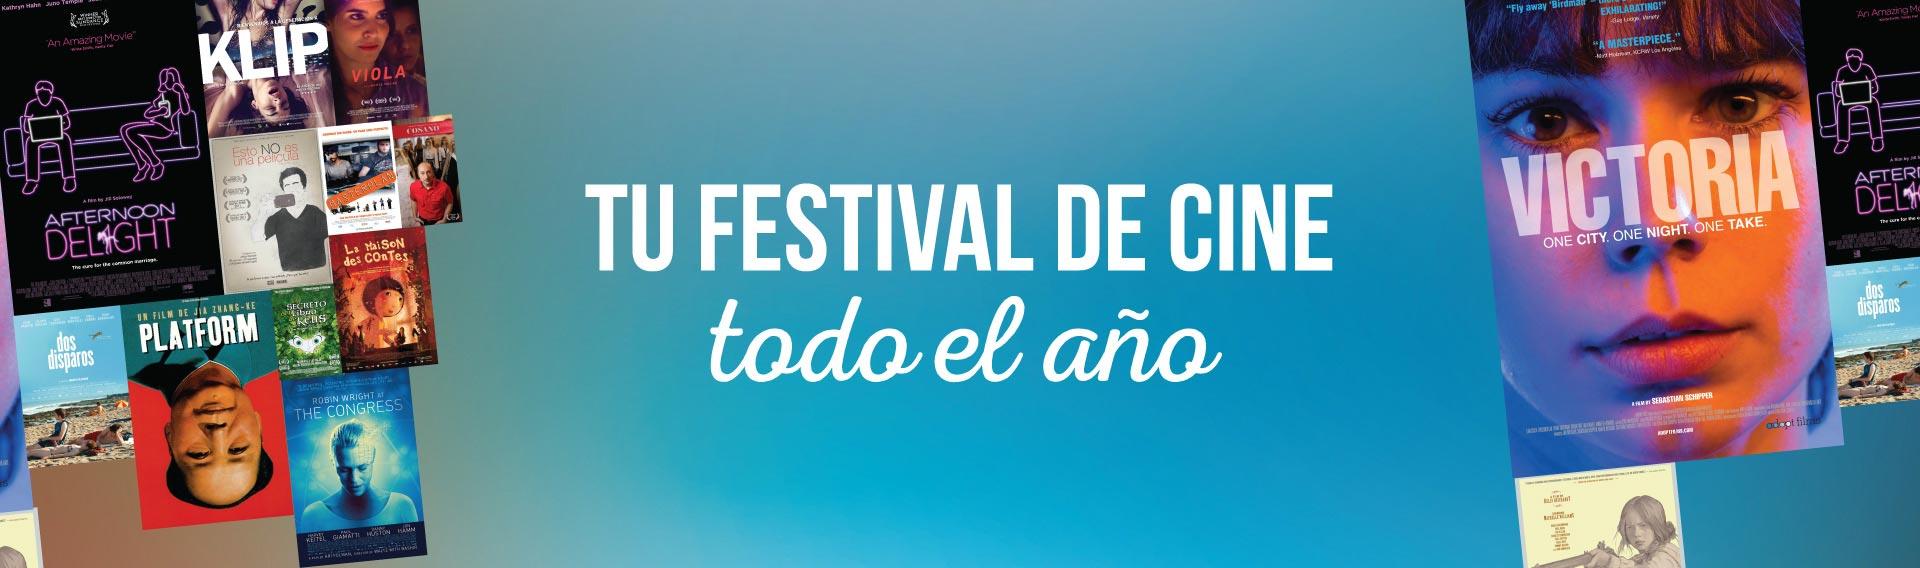 Tu festival de cine todo el año